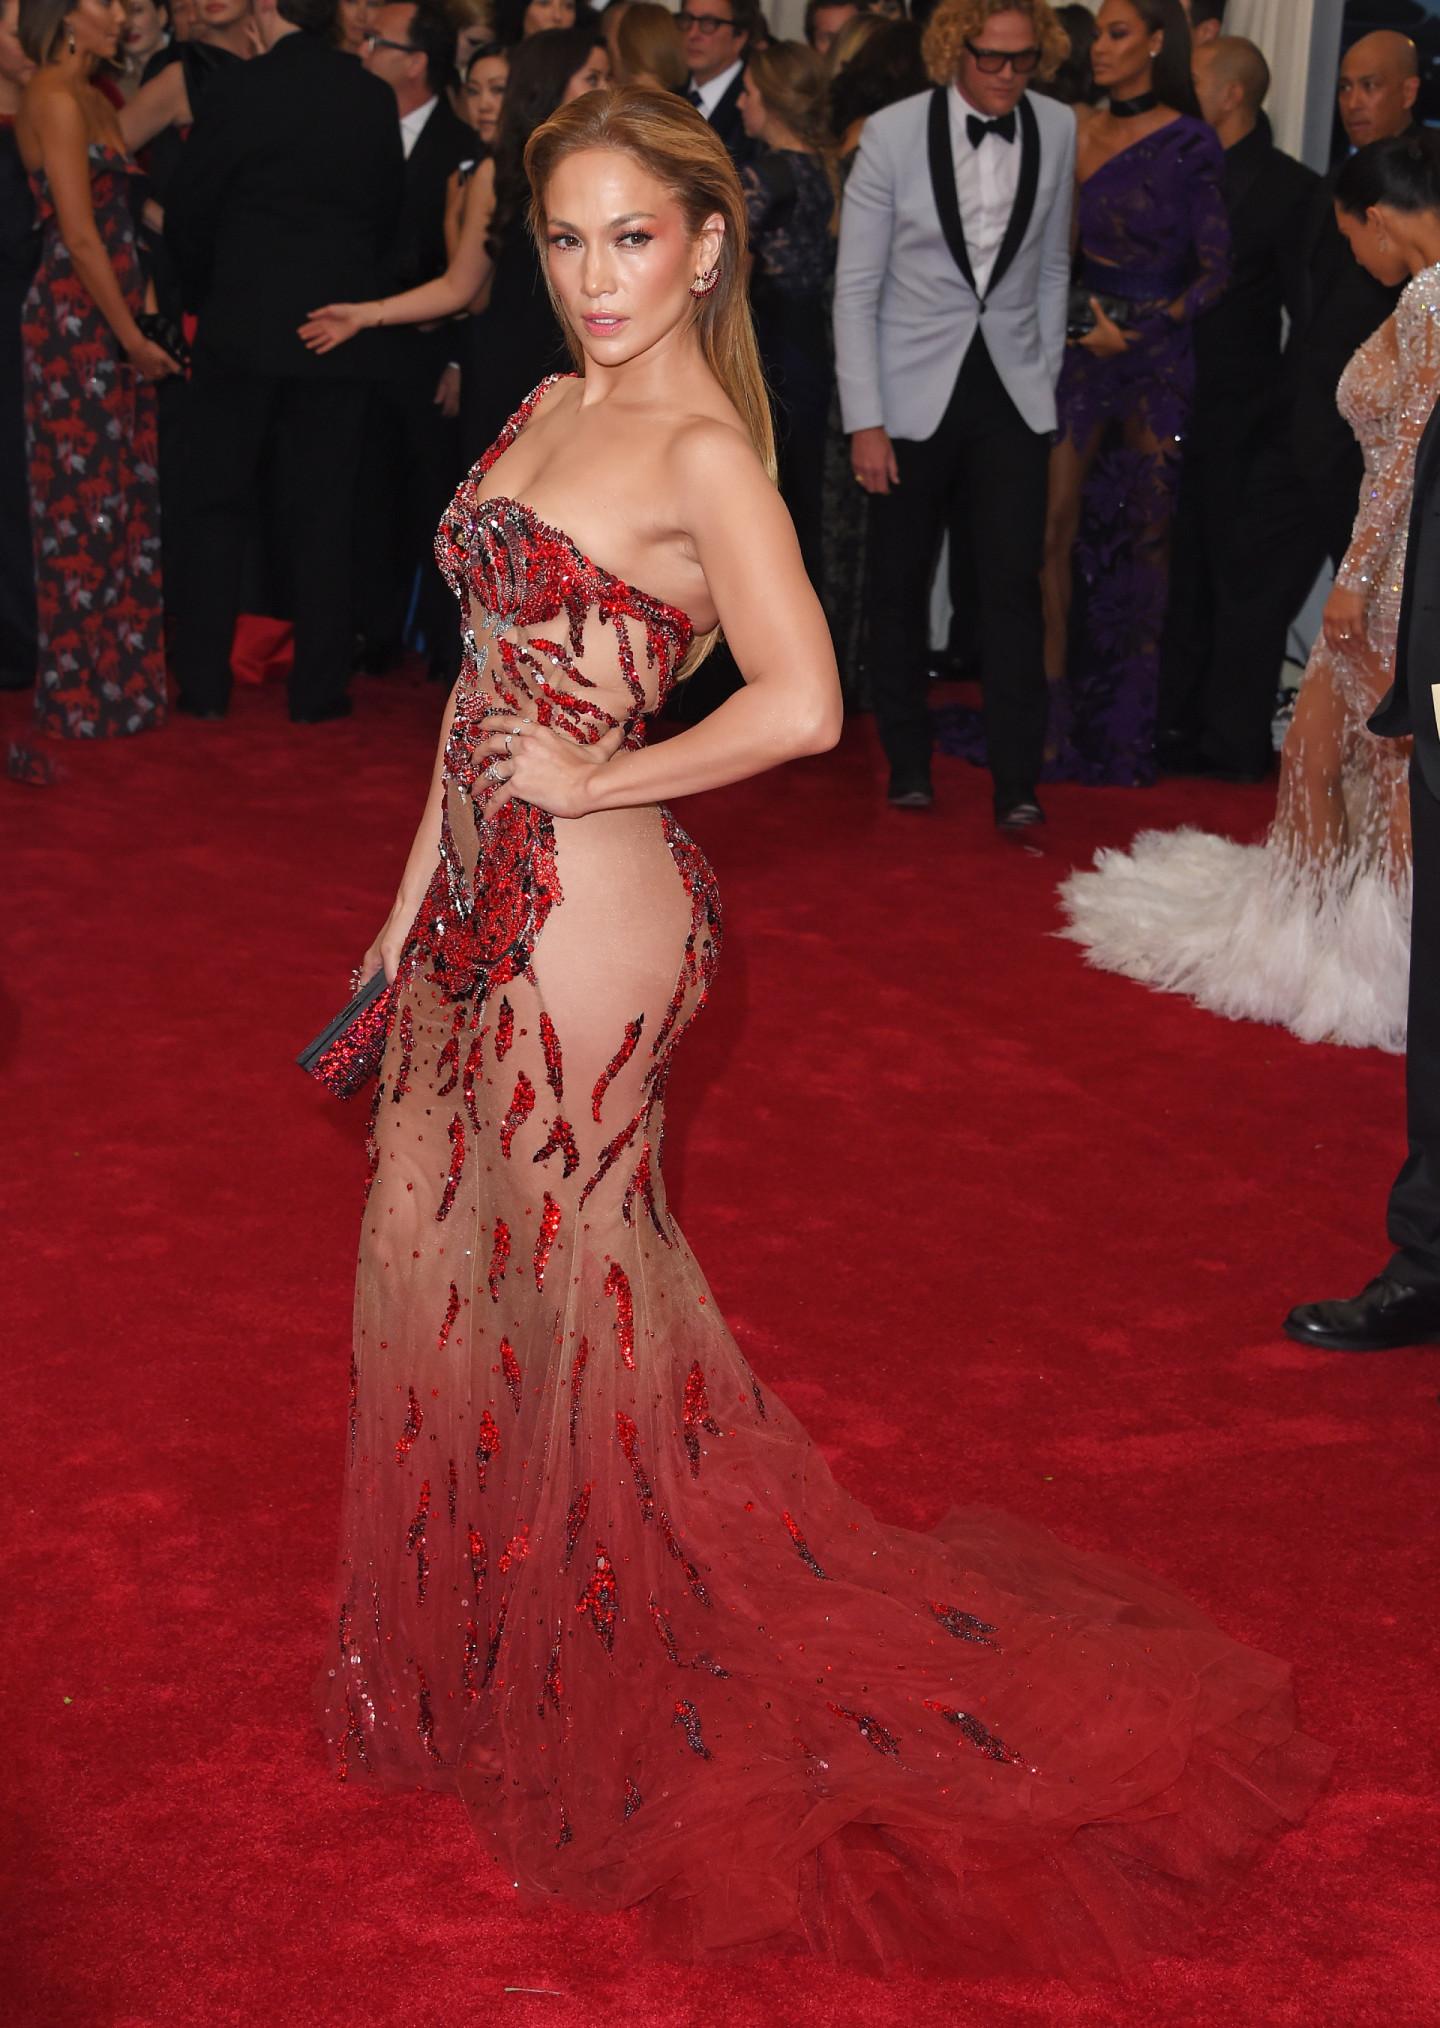 Дженнифер Лопес в платье Versace на Met Gala, 2015